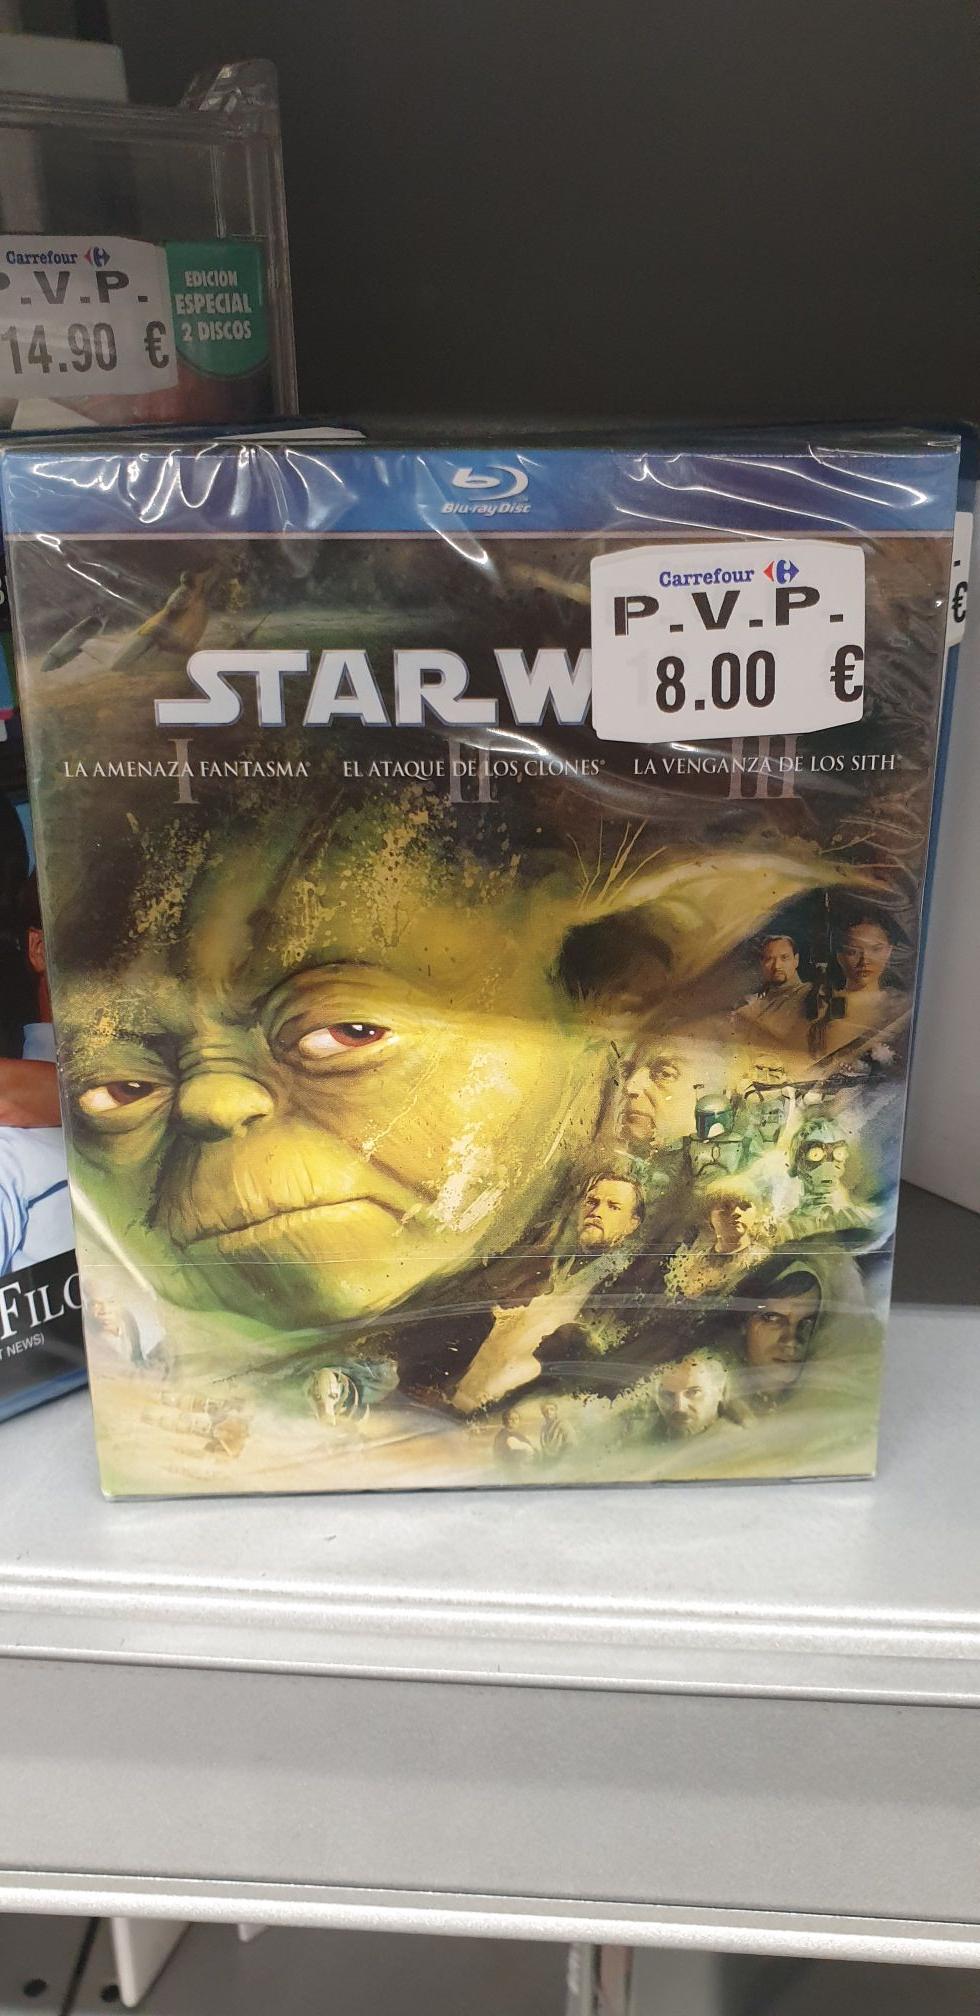 Star Wars Precuelas Episodios I, II, III (Bluray) en Carrefour de Los Valles